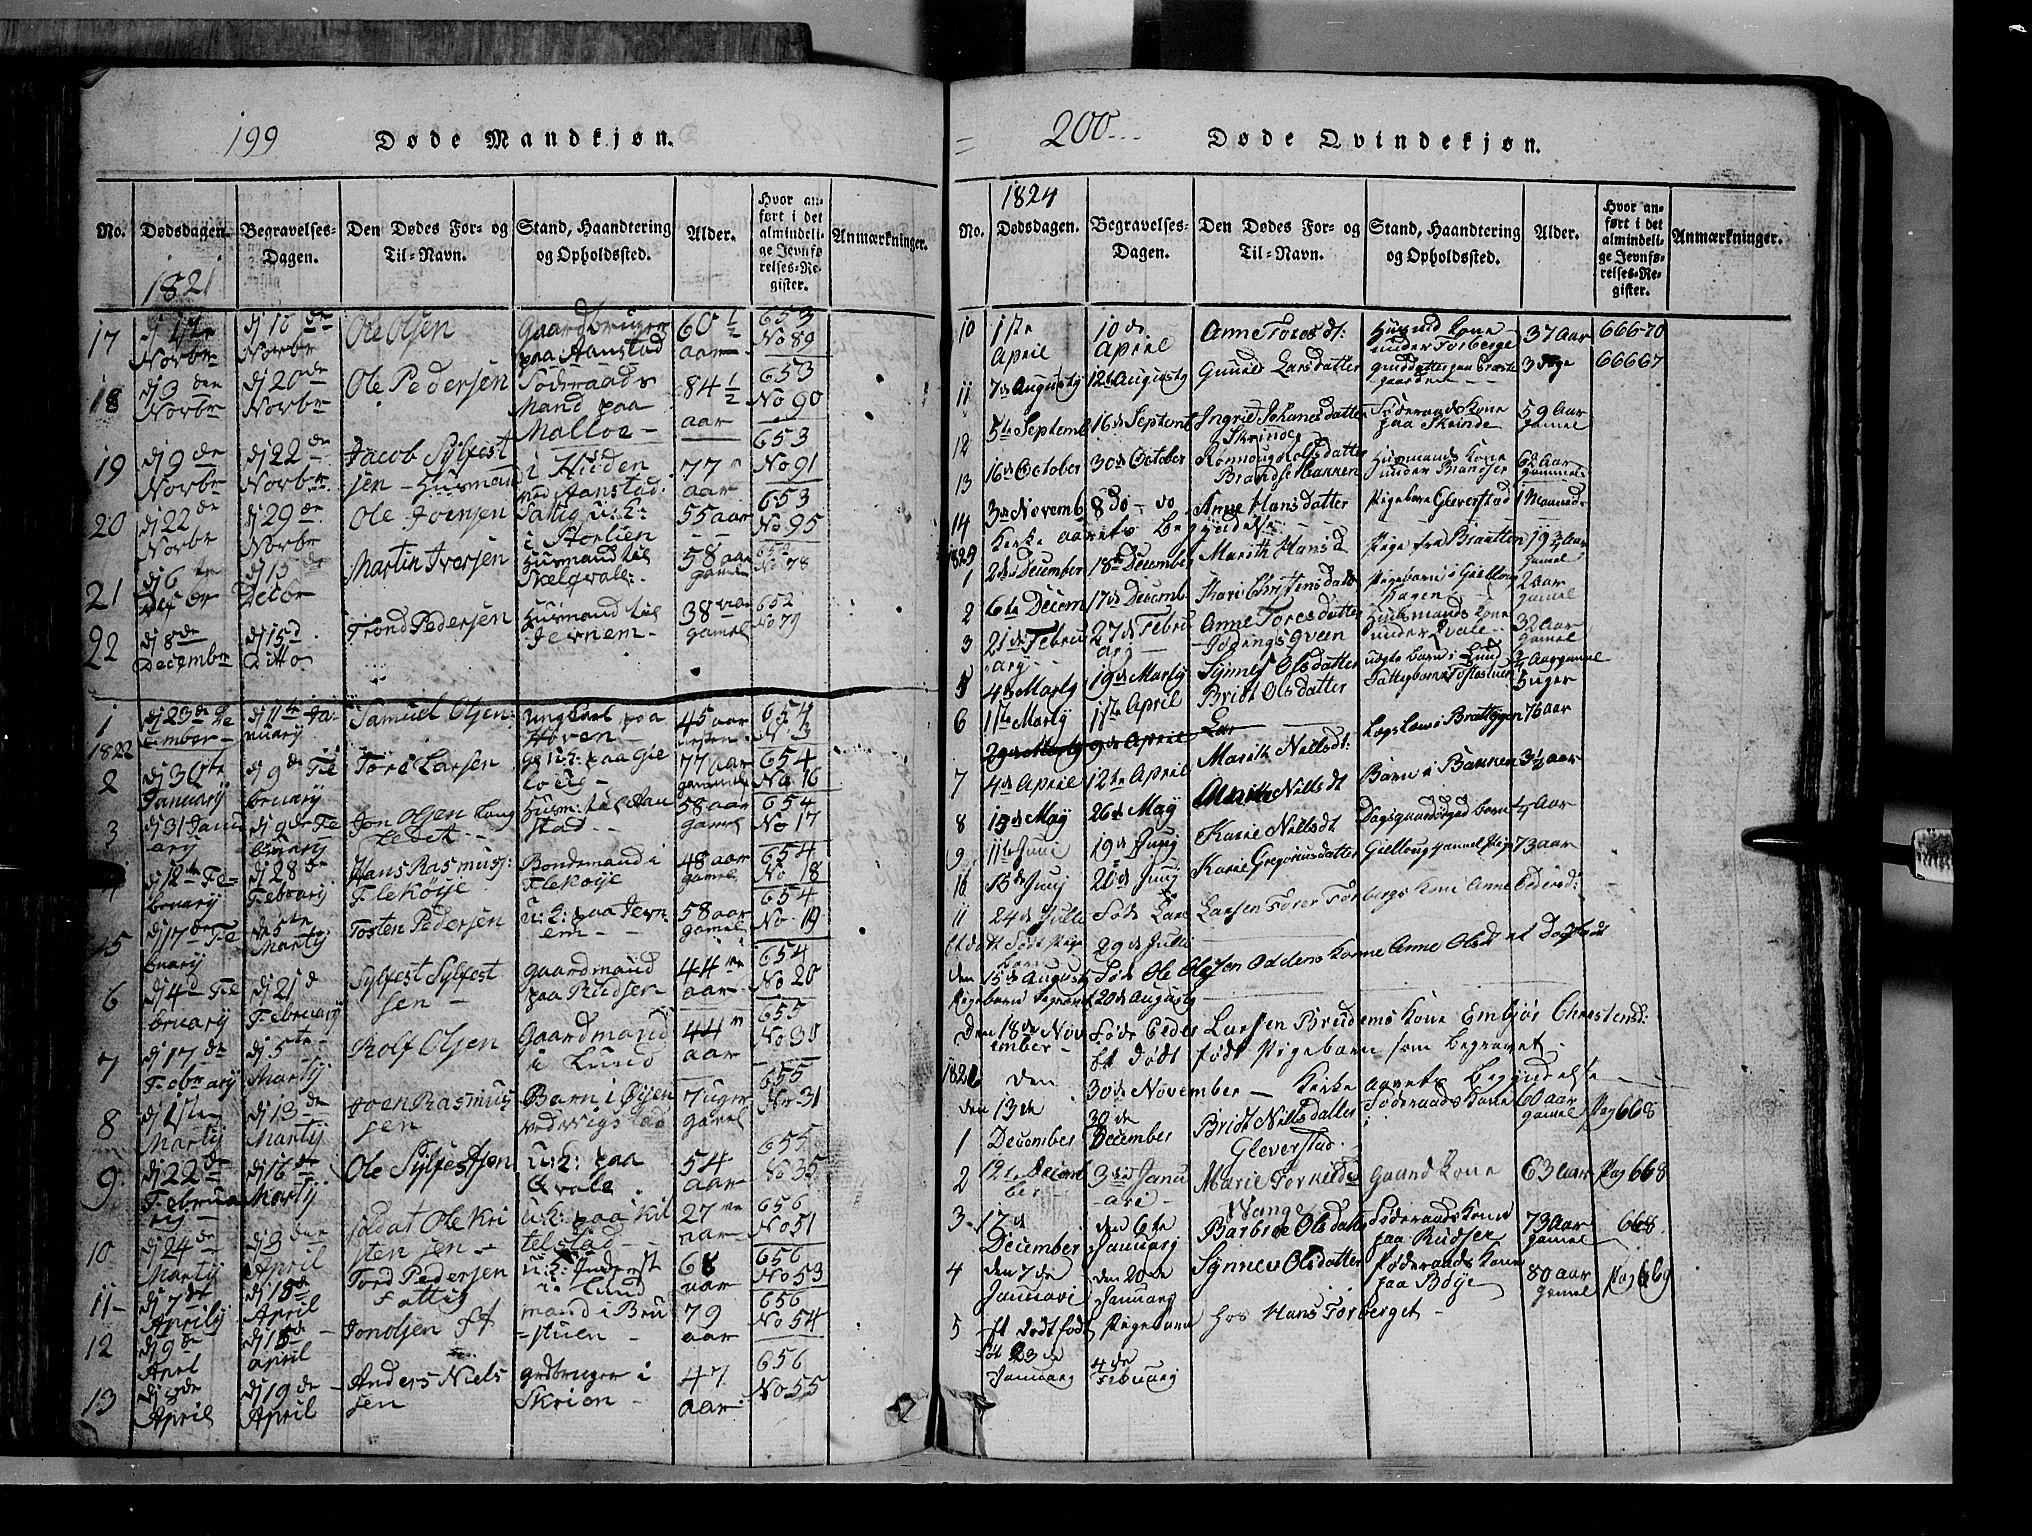 SAH, Lom prestekontor, L/L0003: Klokkerbok nr. 3, 1815-1844, s. 199-200